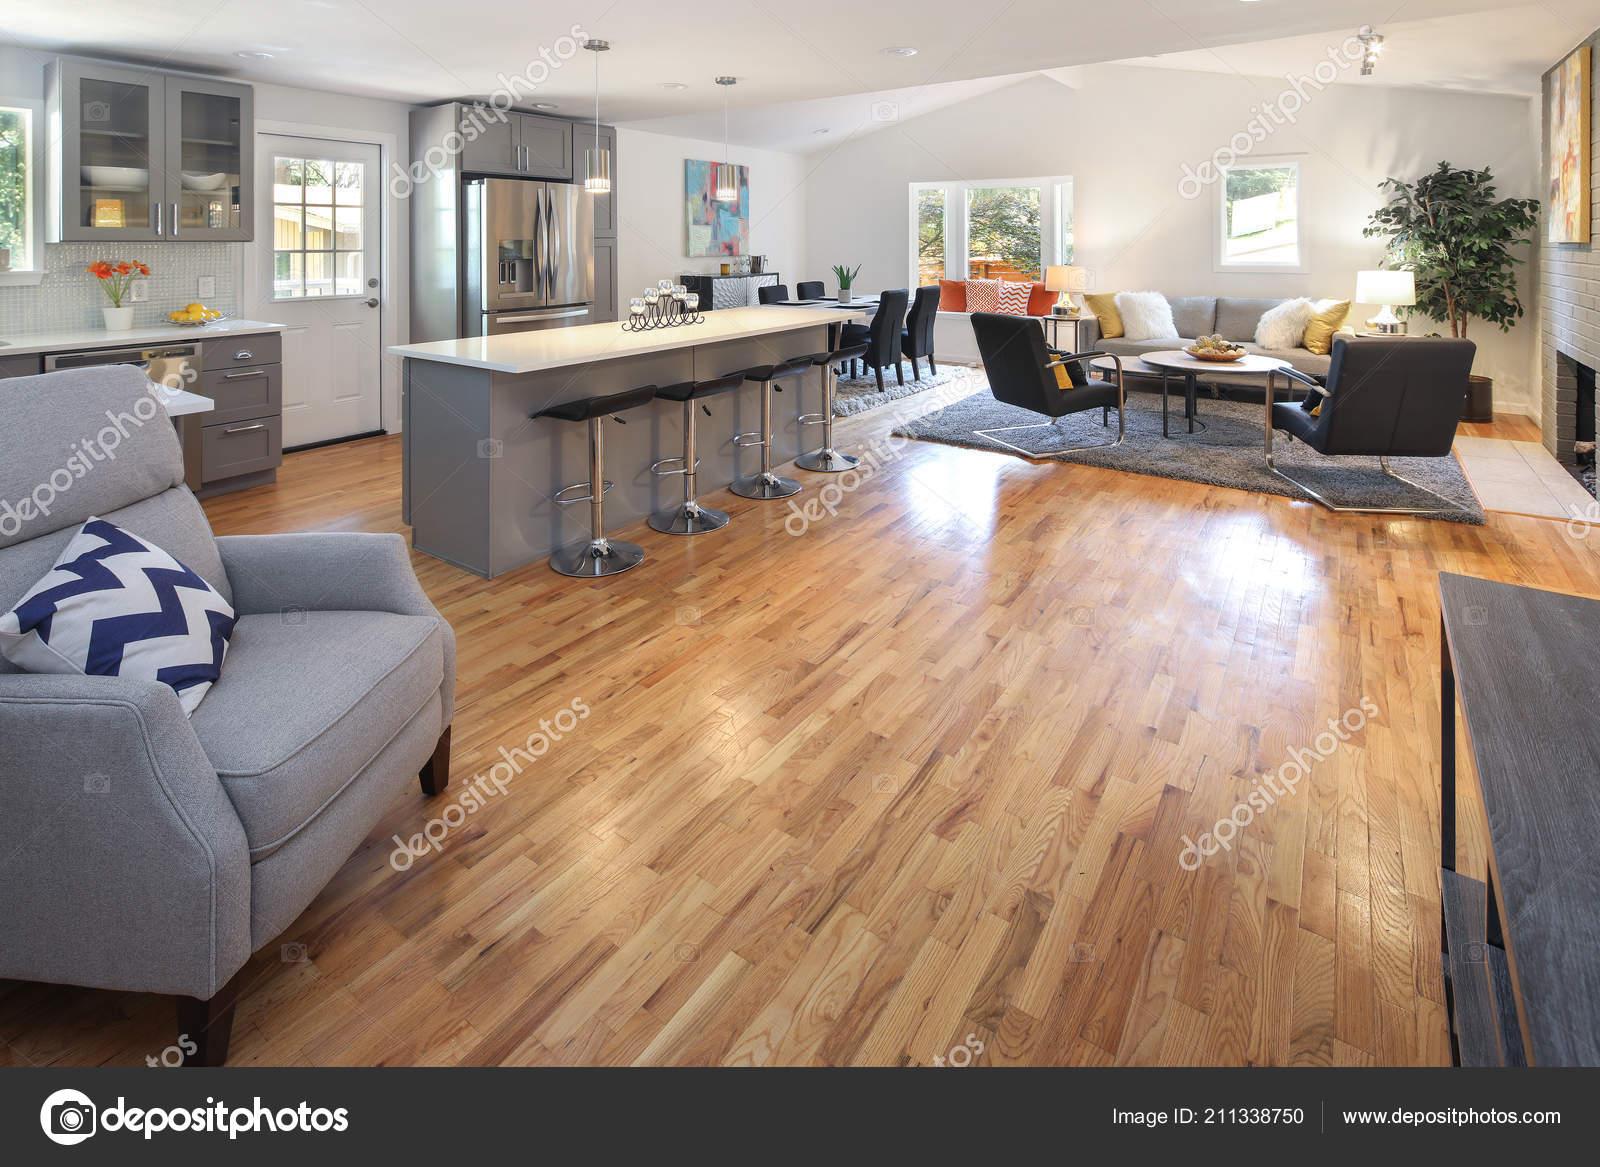 Peachy Modern Interior Design Open Floor Plan White Dining Table Creativecarmelina Interior Chair Design Creativecarmelinacom